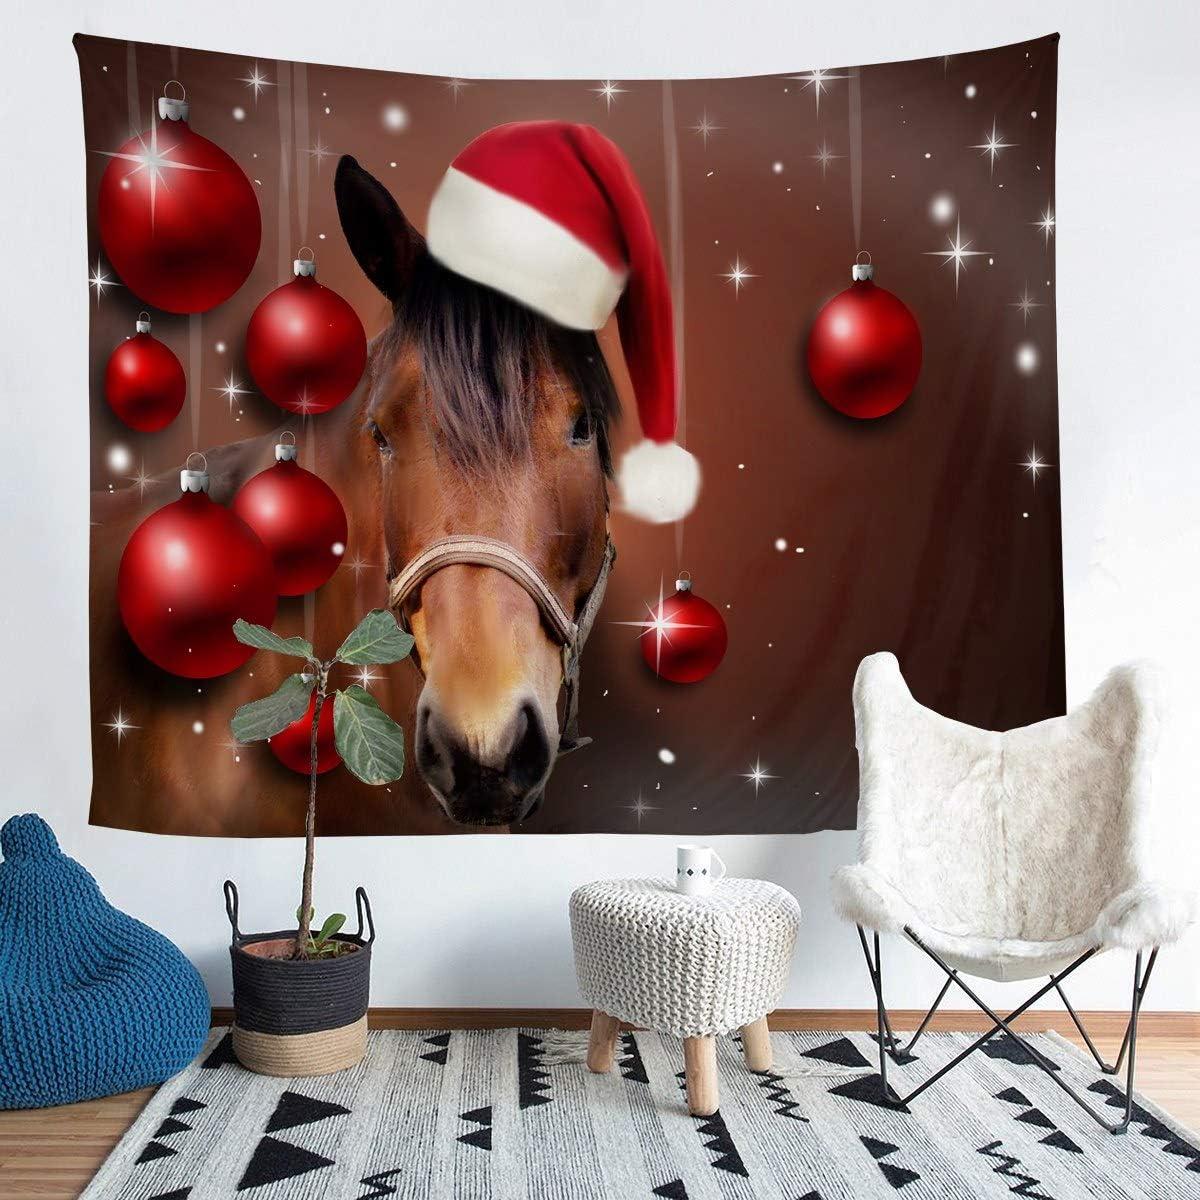 Juego Dede Pared con de Caballo con Motivos navideños,pequeñas,, Tapiz Impreso en 3D, de Animales Salvajes, Manta de Pared, de habitación, tapices Grandes de 58 x 79 cm